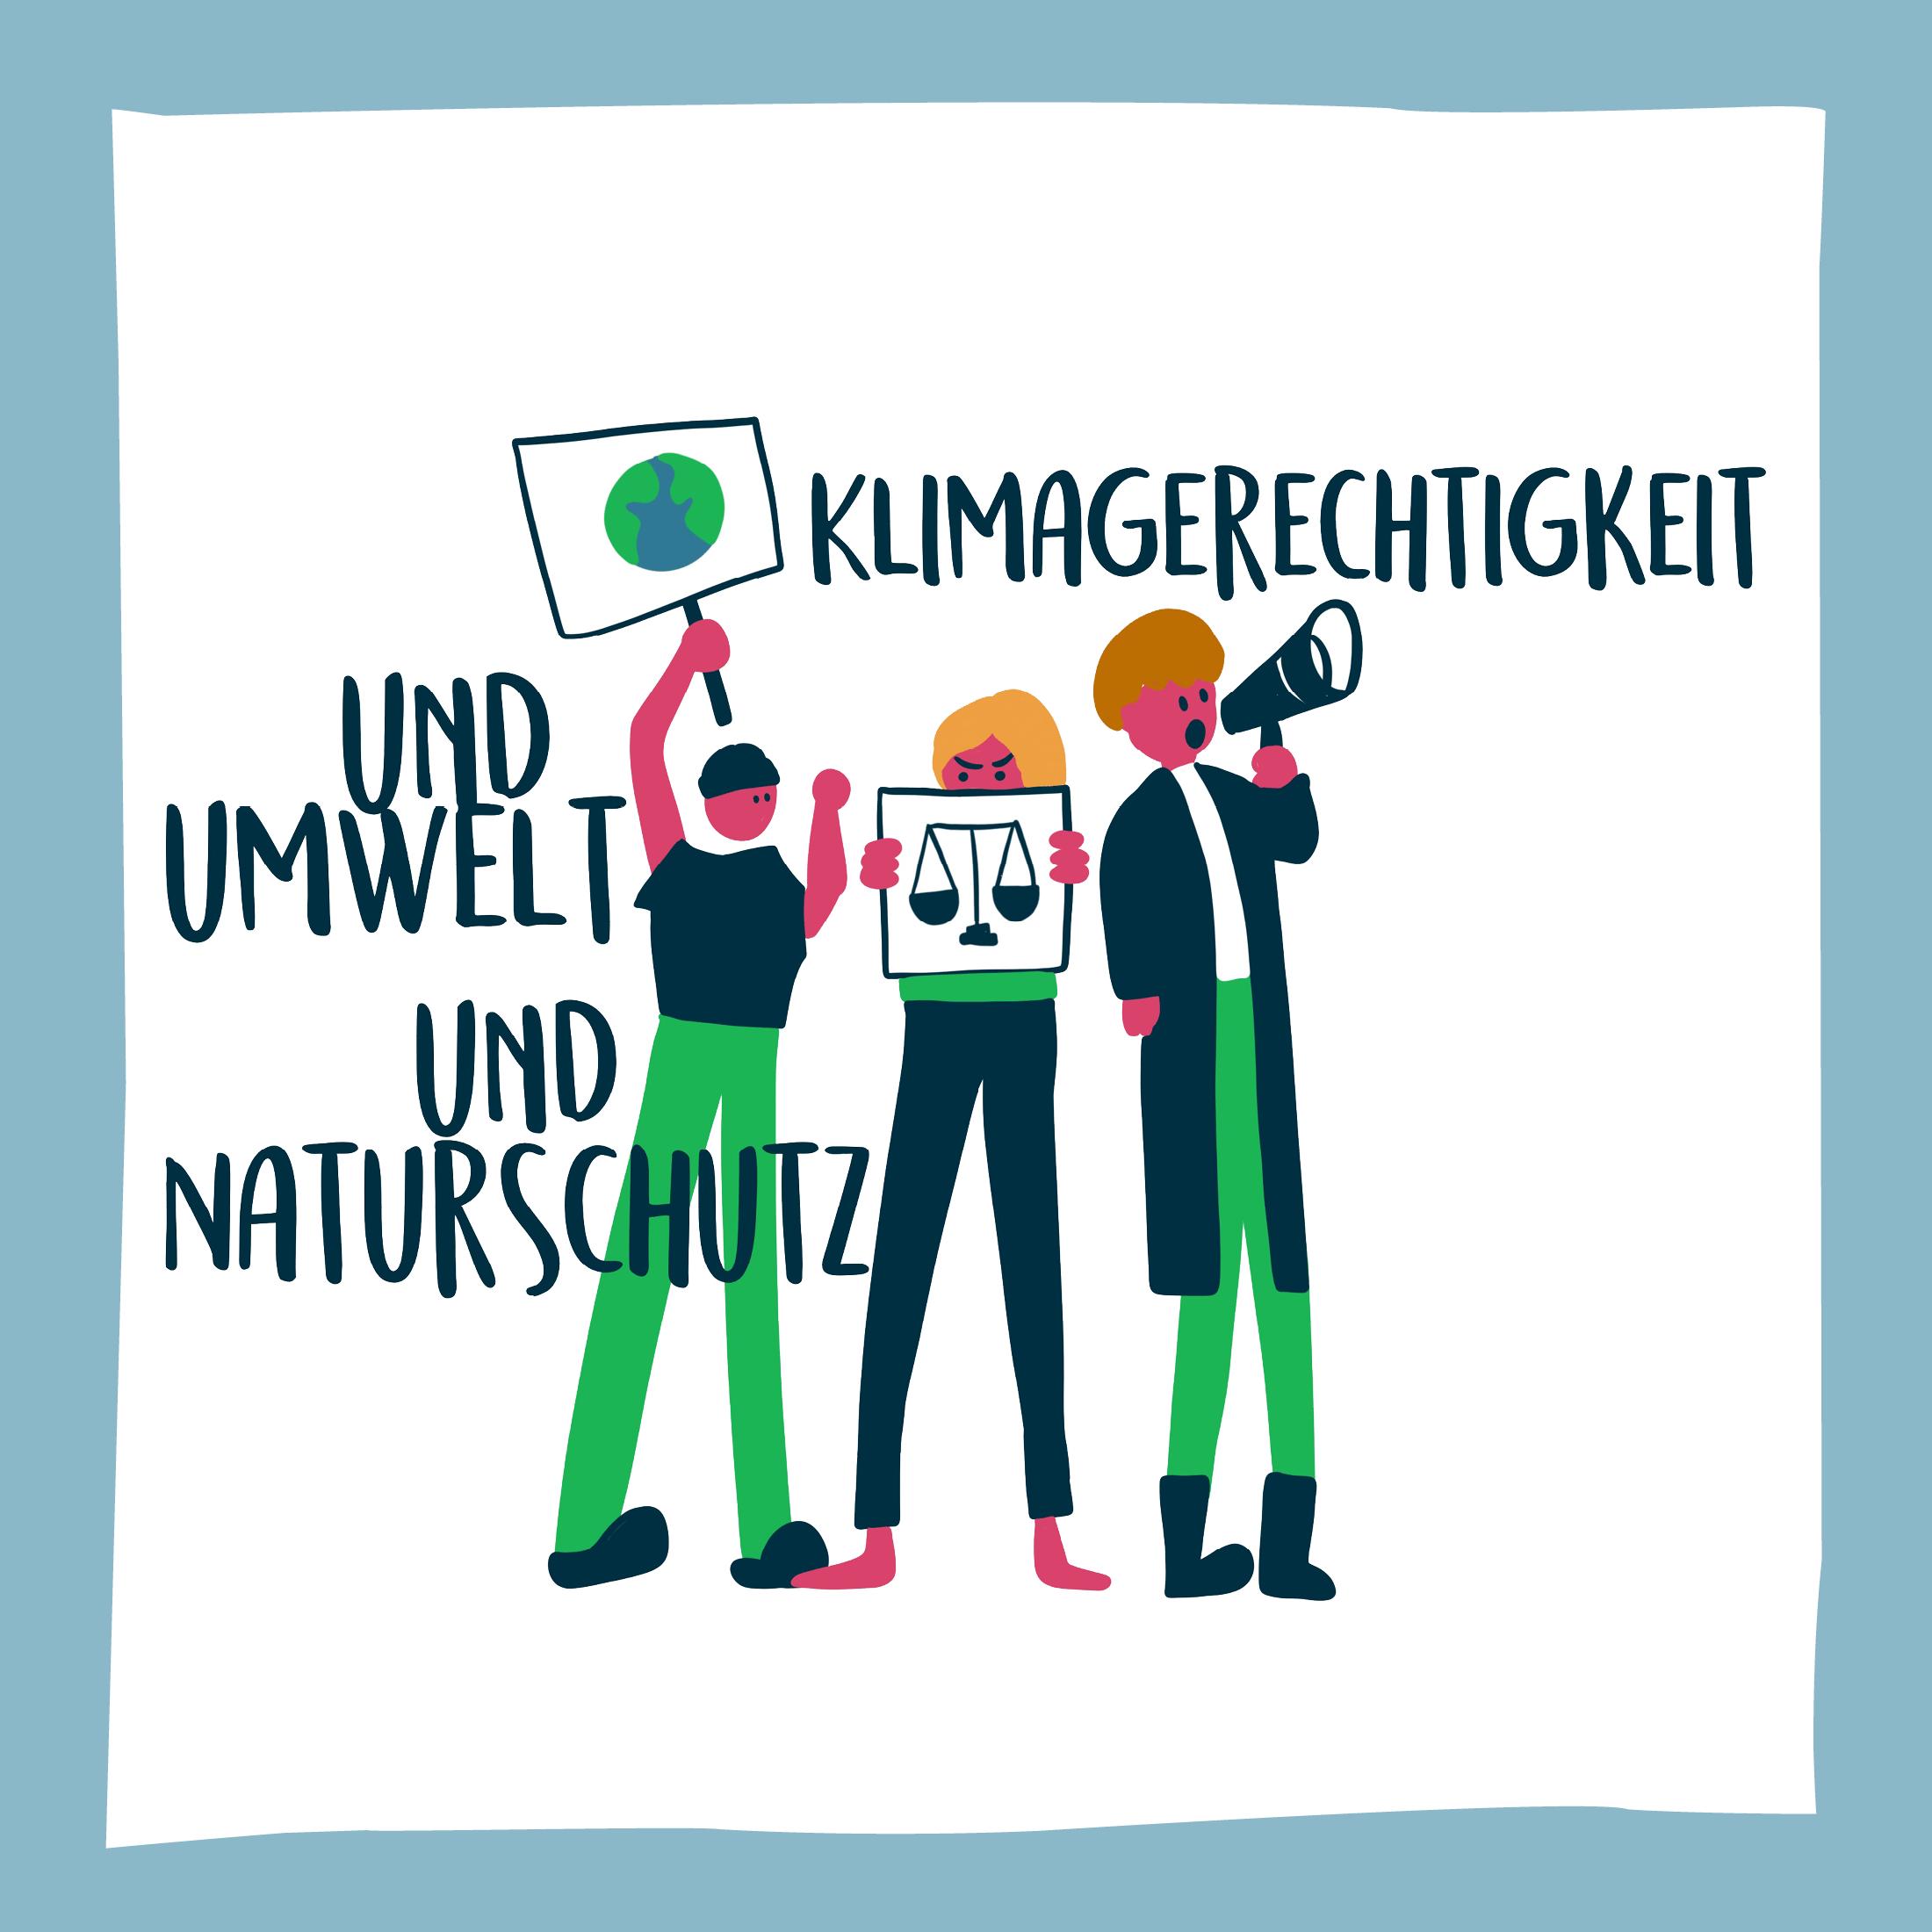 Klimagerechtigkeit und Umwelt und Naturschutz